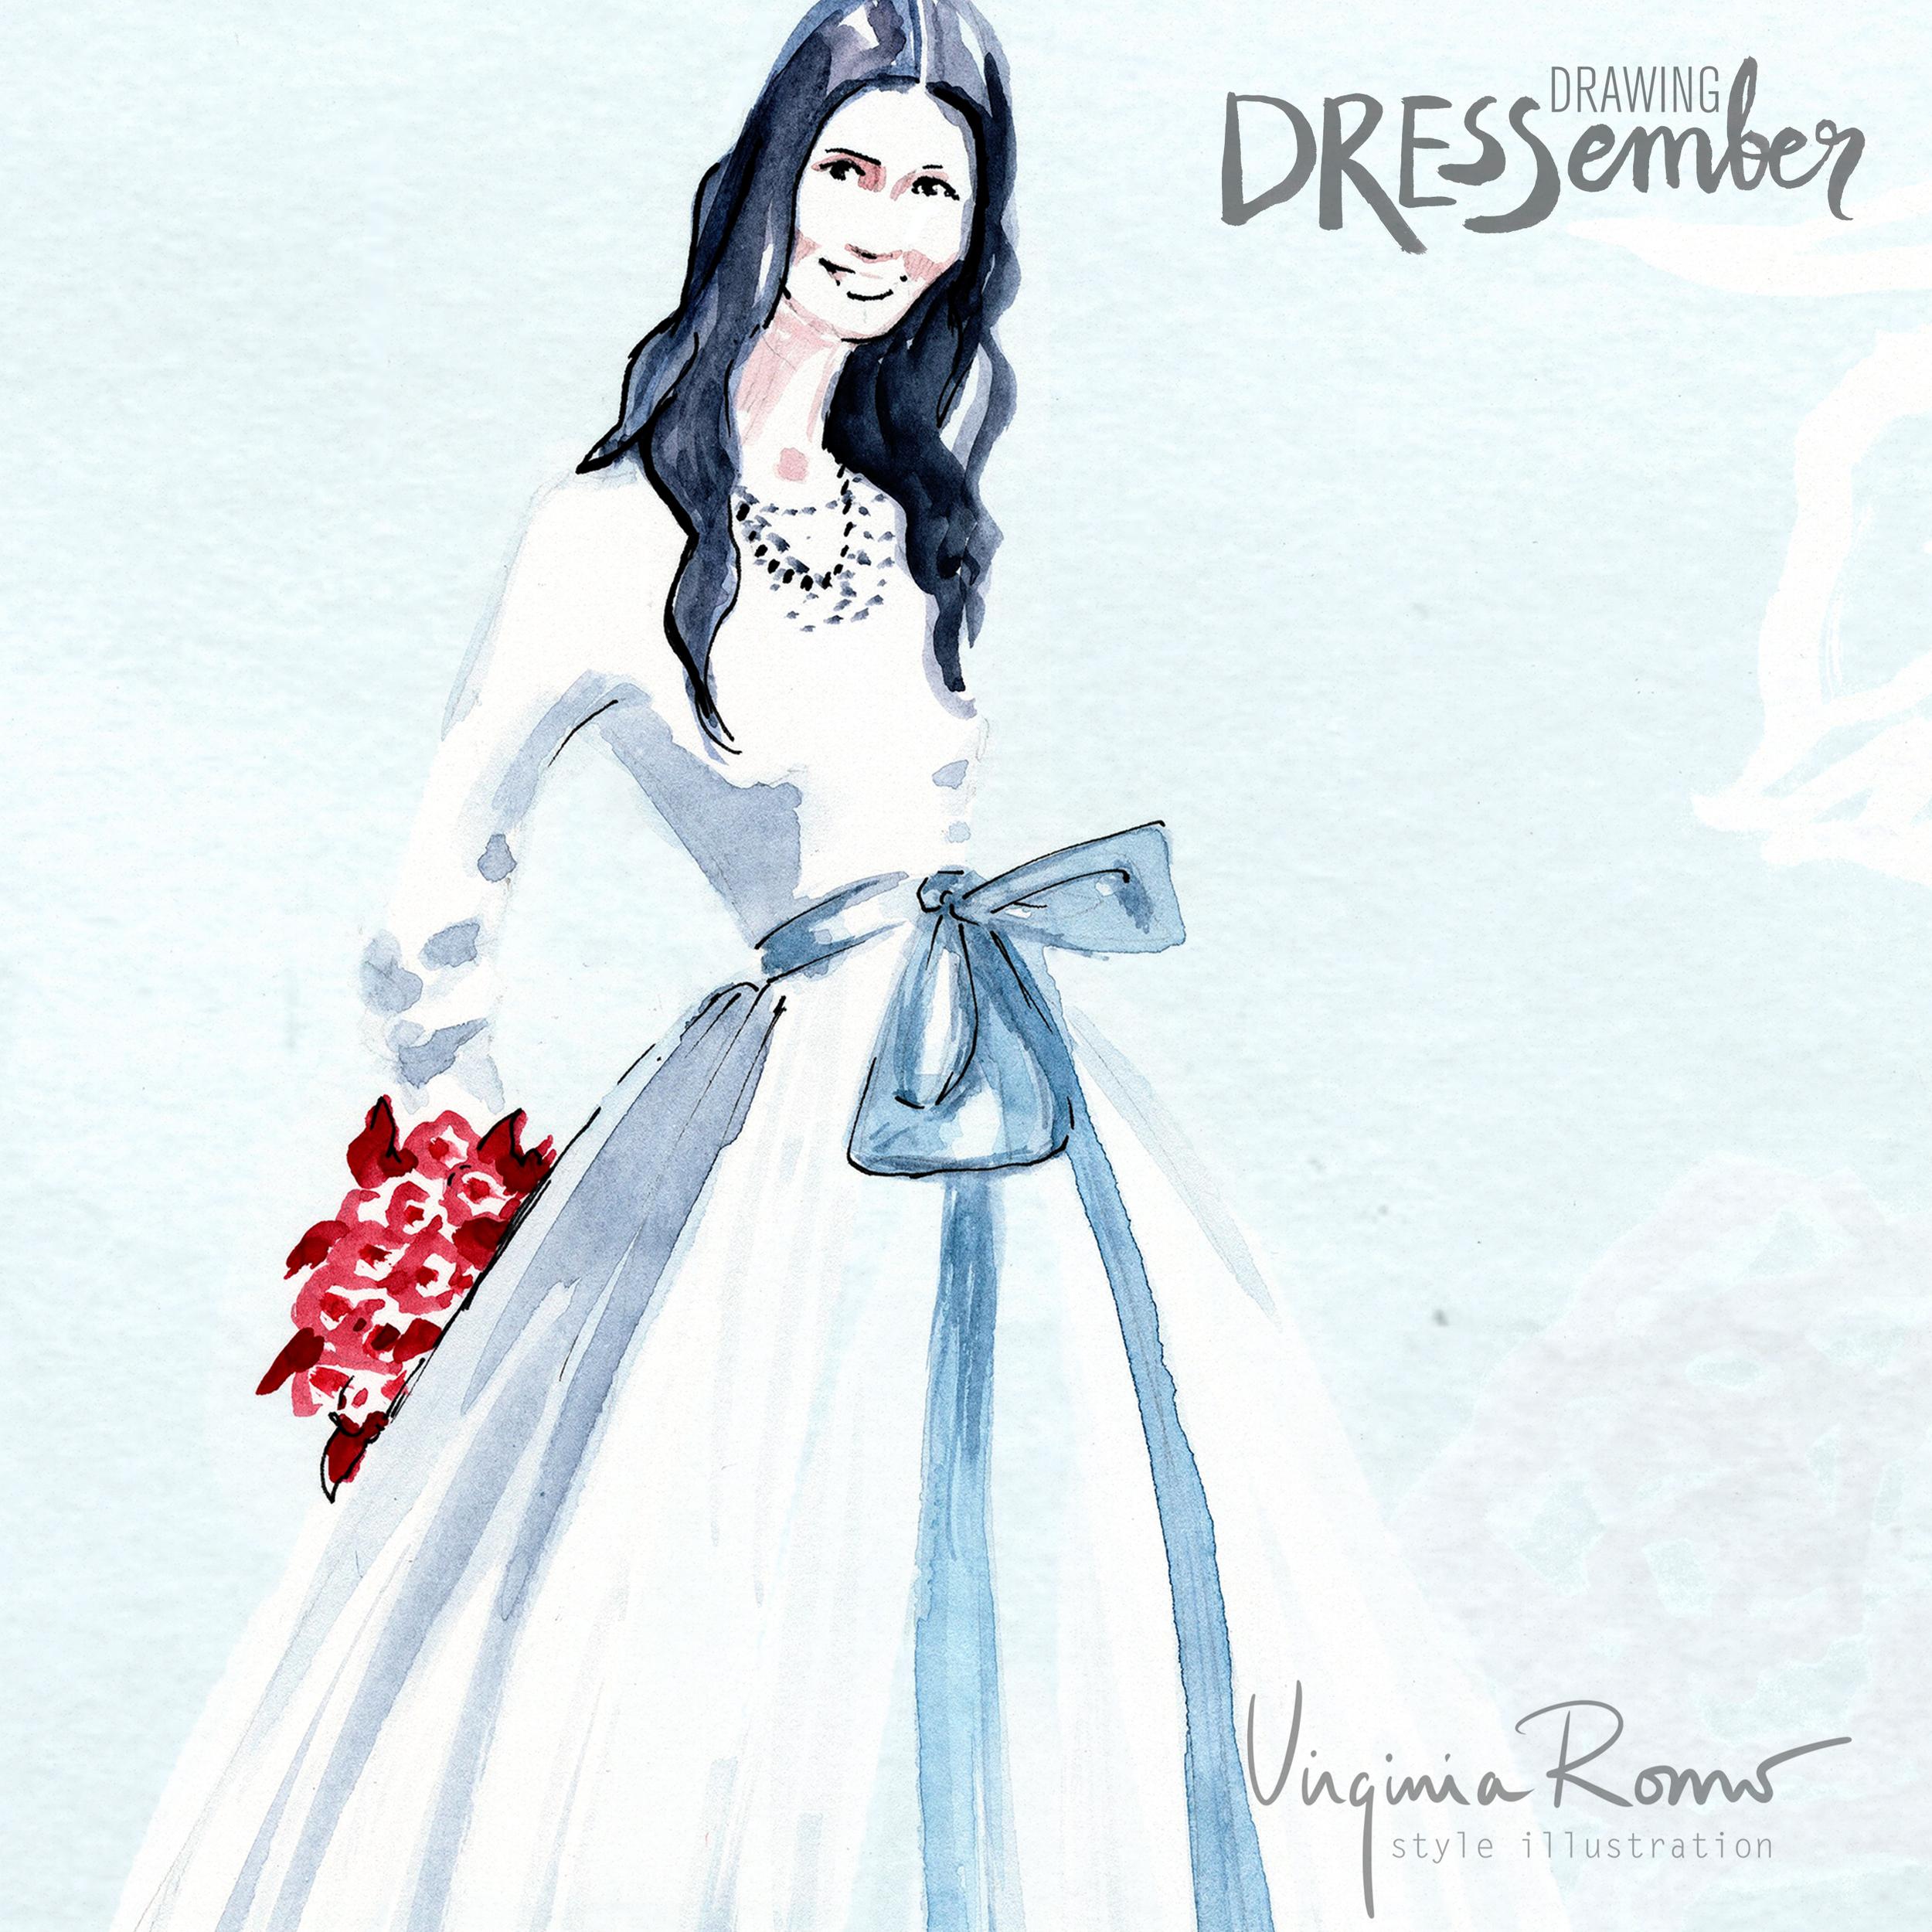 dressember-VirginiaRomoIllustration-15-Vera-IG-BIG.jpg